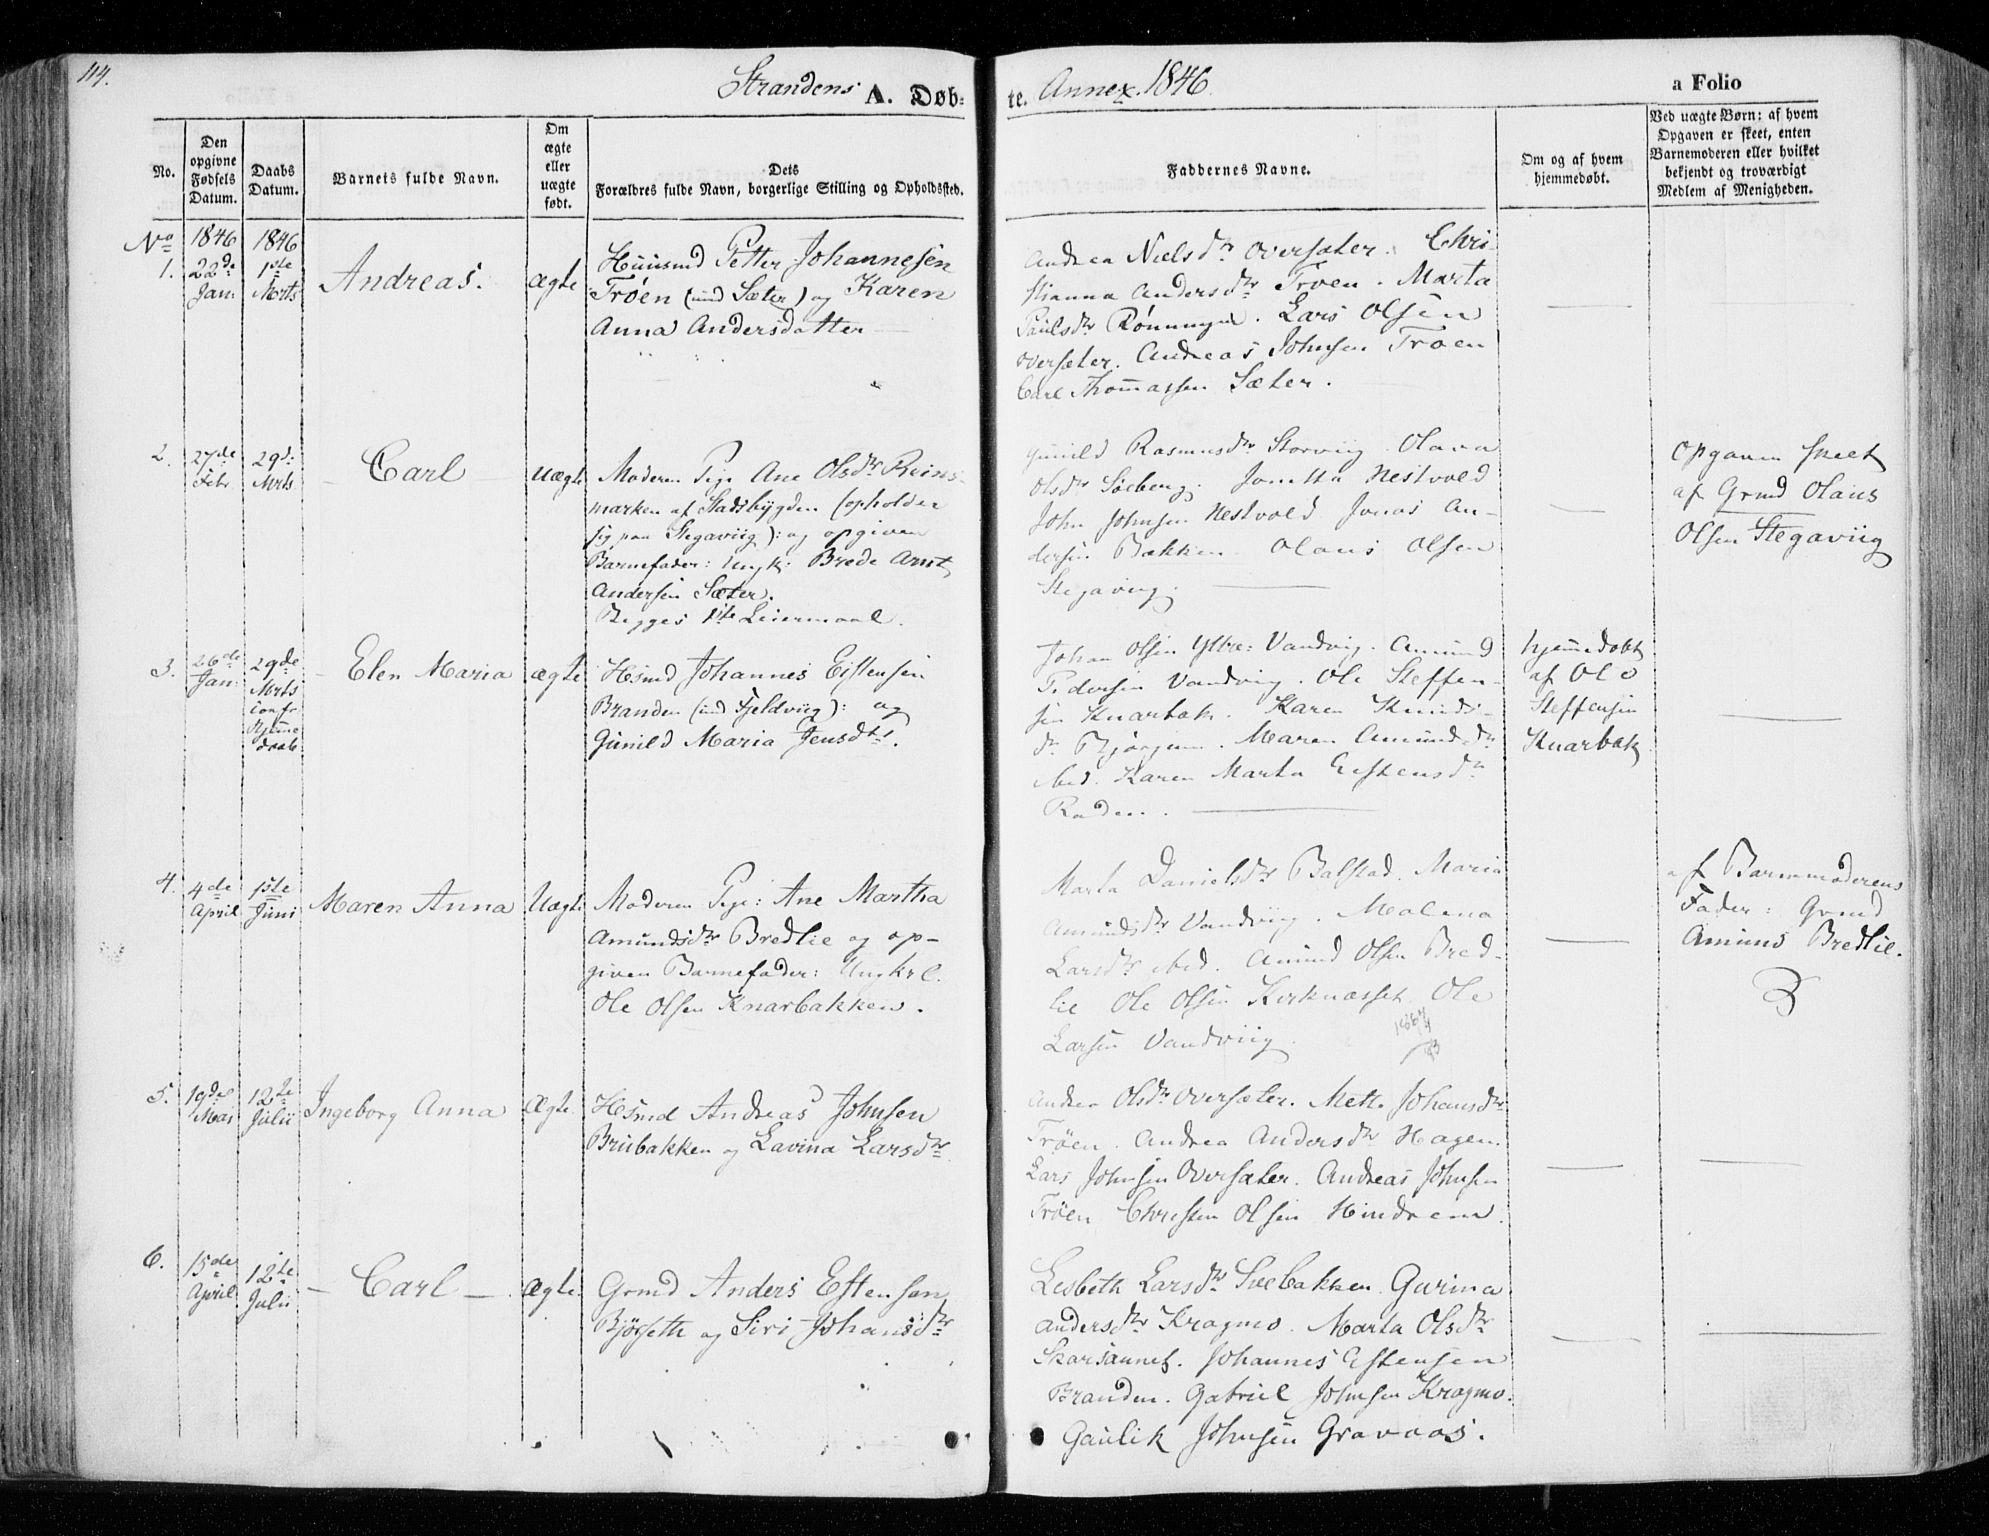 SAT, Ministerialprotokoller, klokkerbøker og fødselsregistre - Nord-Trøndelag, 701/L0007: Ministerialbok nr. 701A07 /2, 1842-1854, s. 114